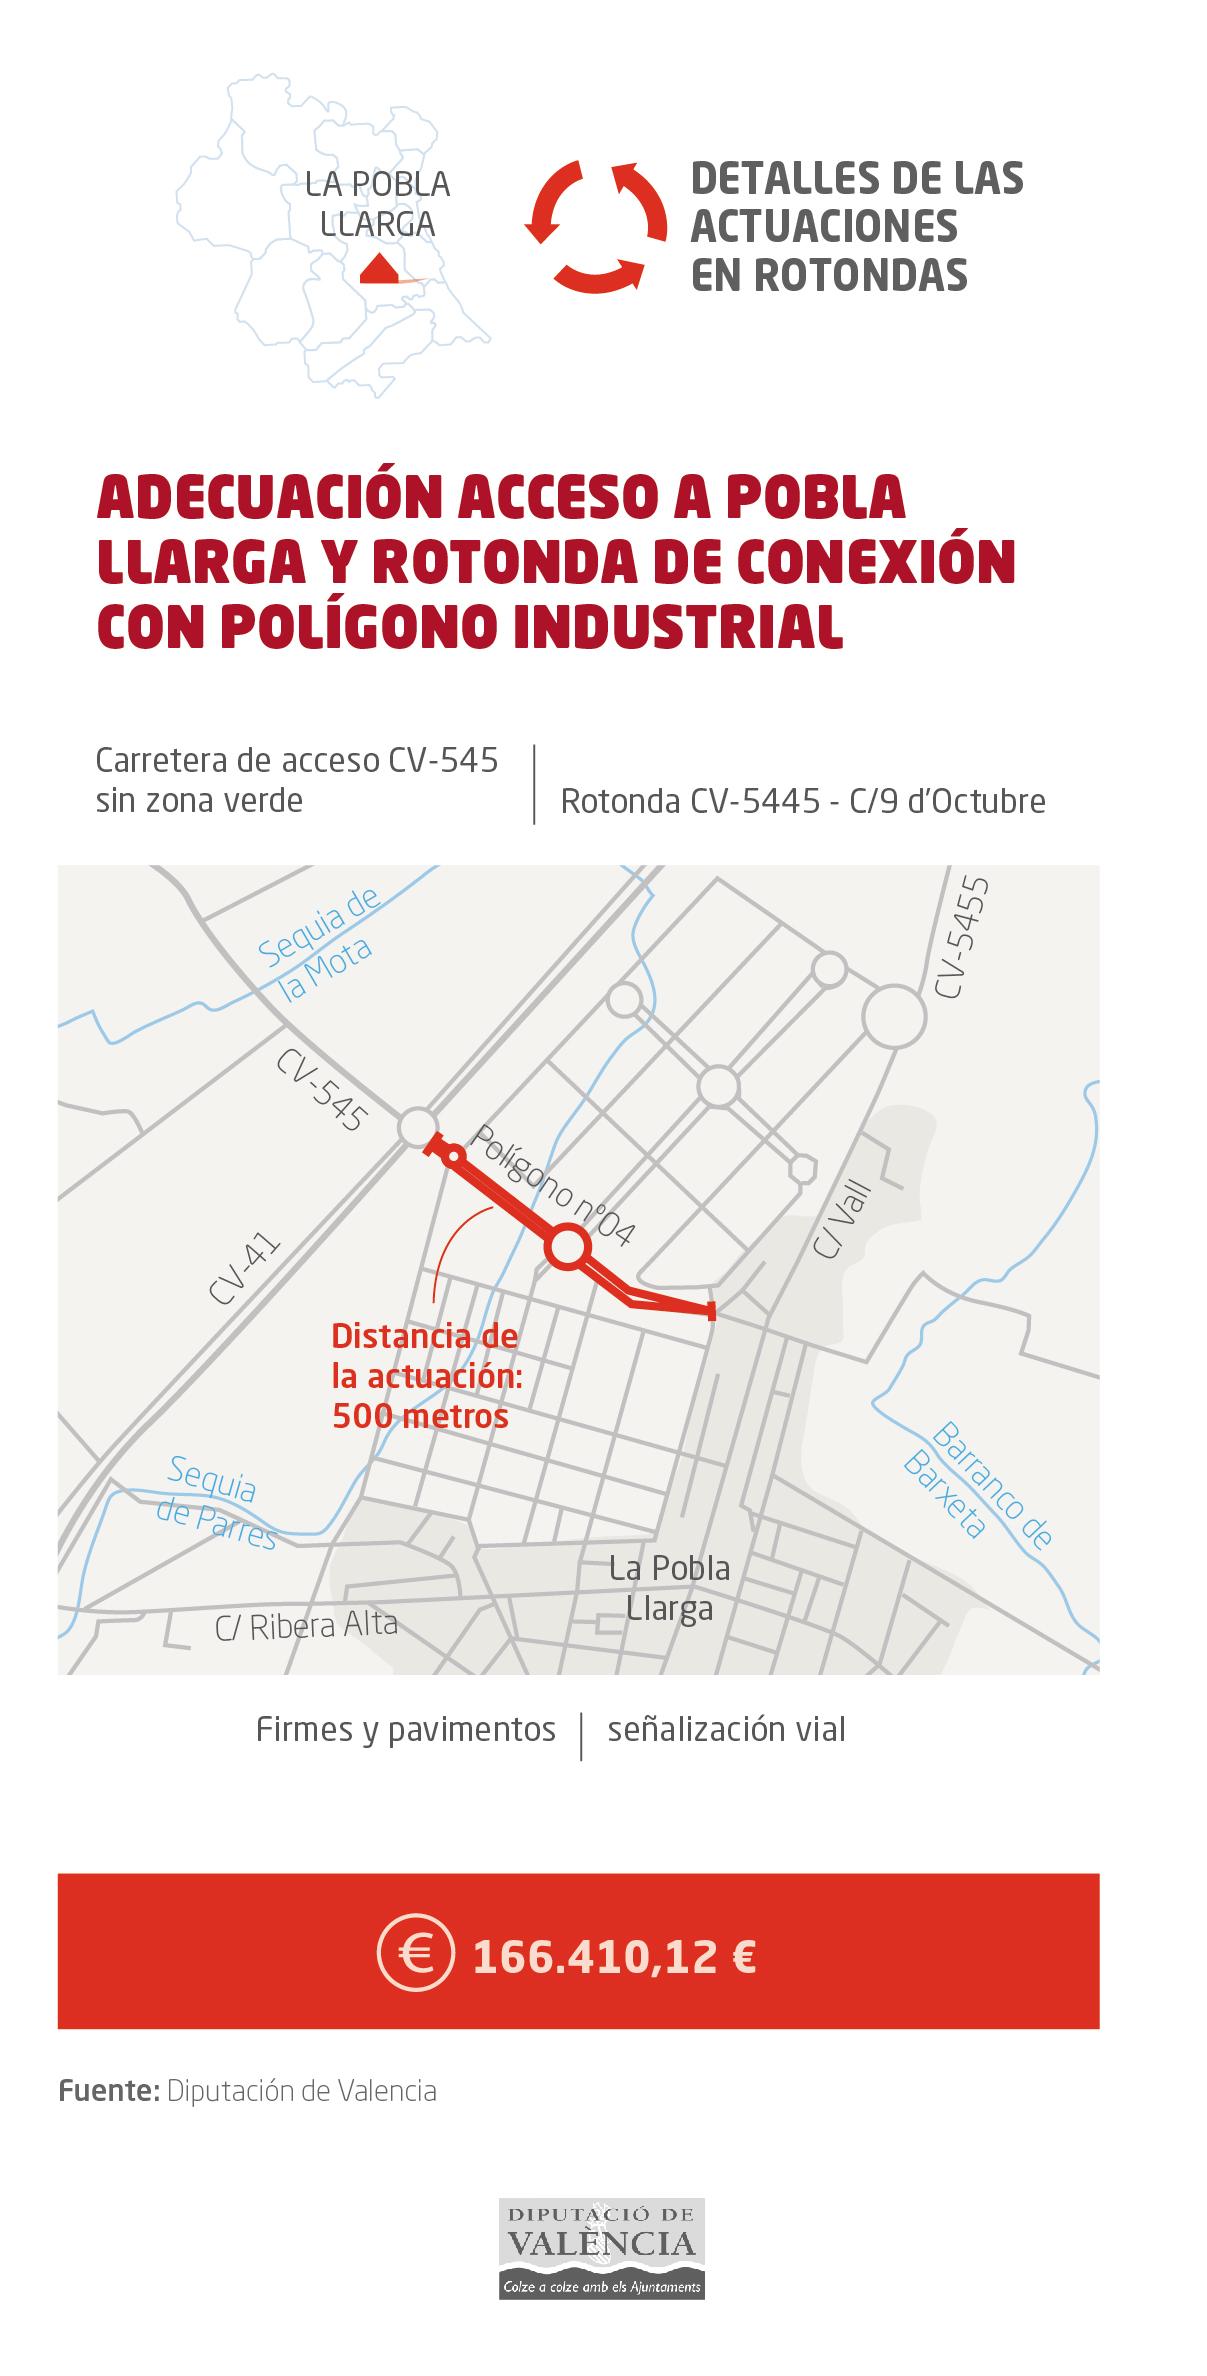 La Diputación de Valencia firmará convenios con los ayuntamientos de Cullera y La Pobla Llarga para llevar a cabo actuaciones que en algunos casos representan demandas históricas.